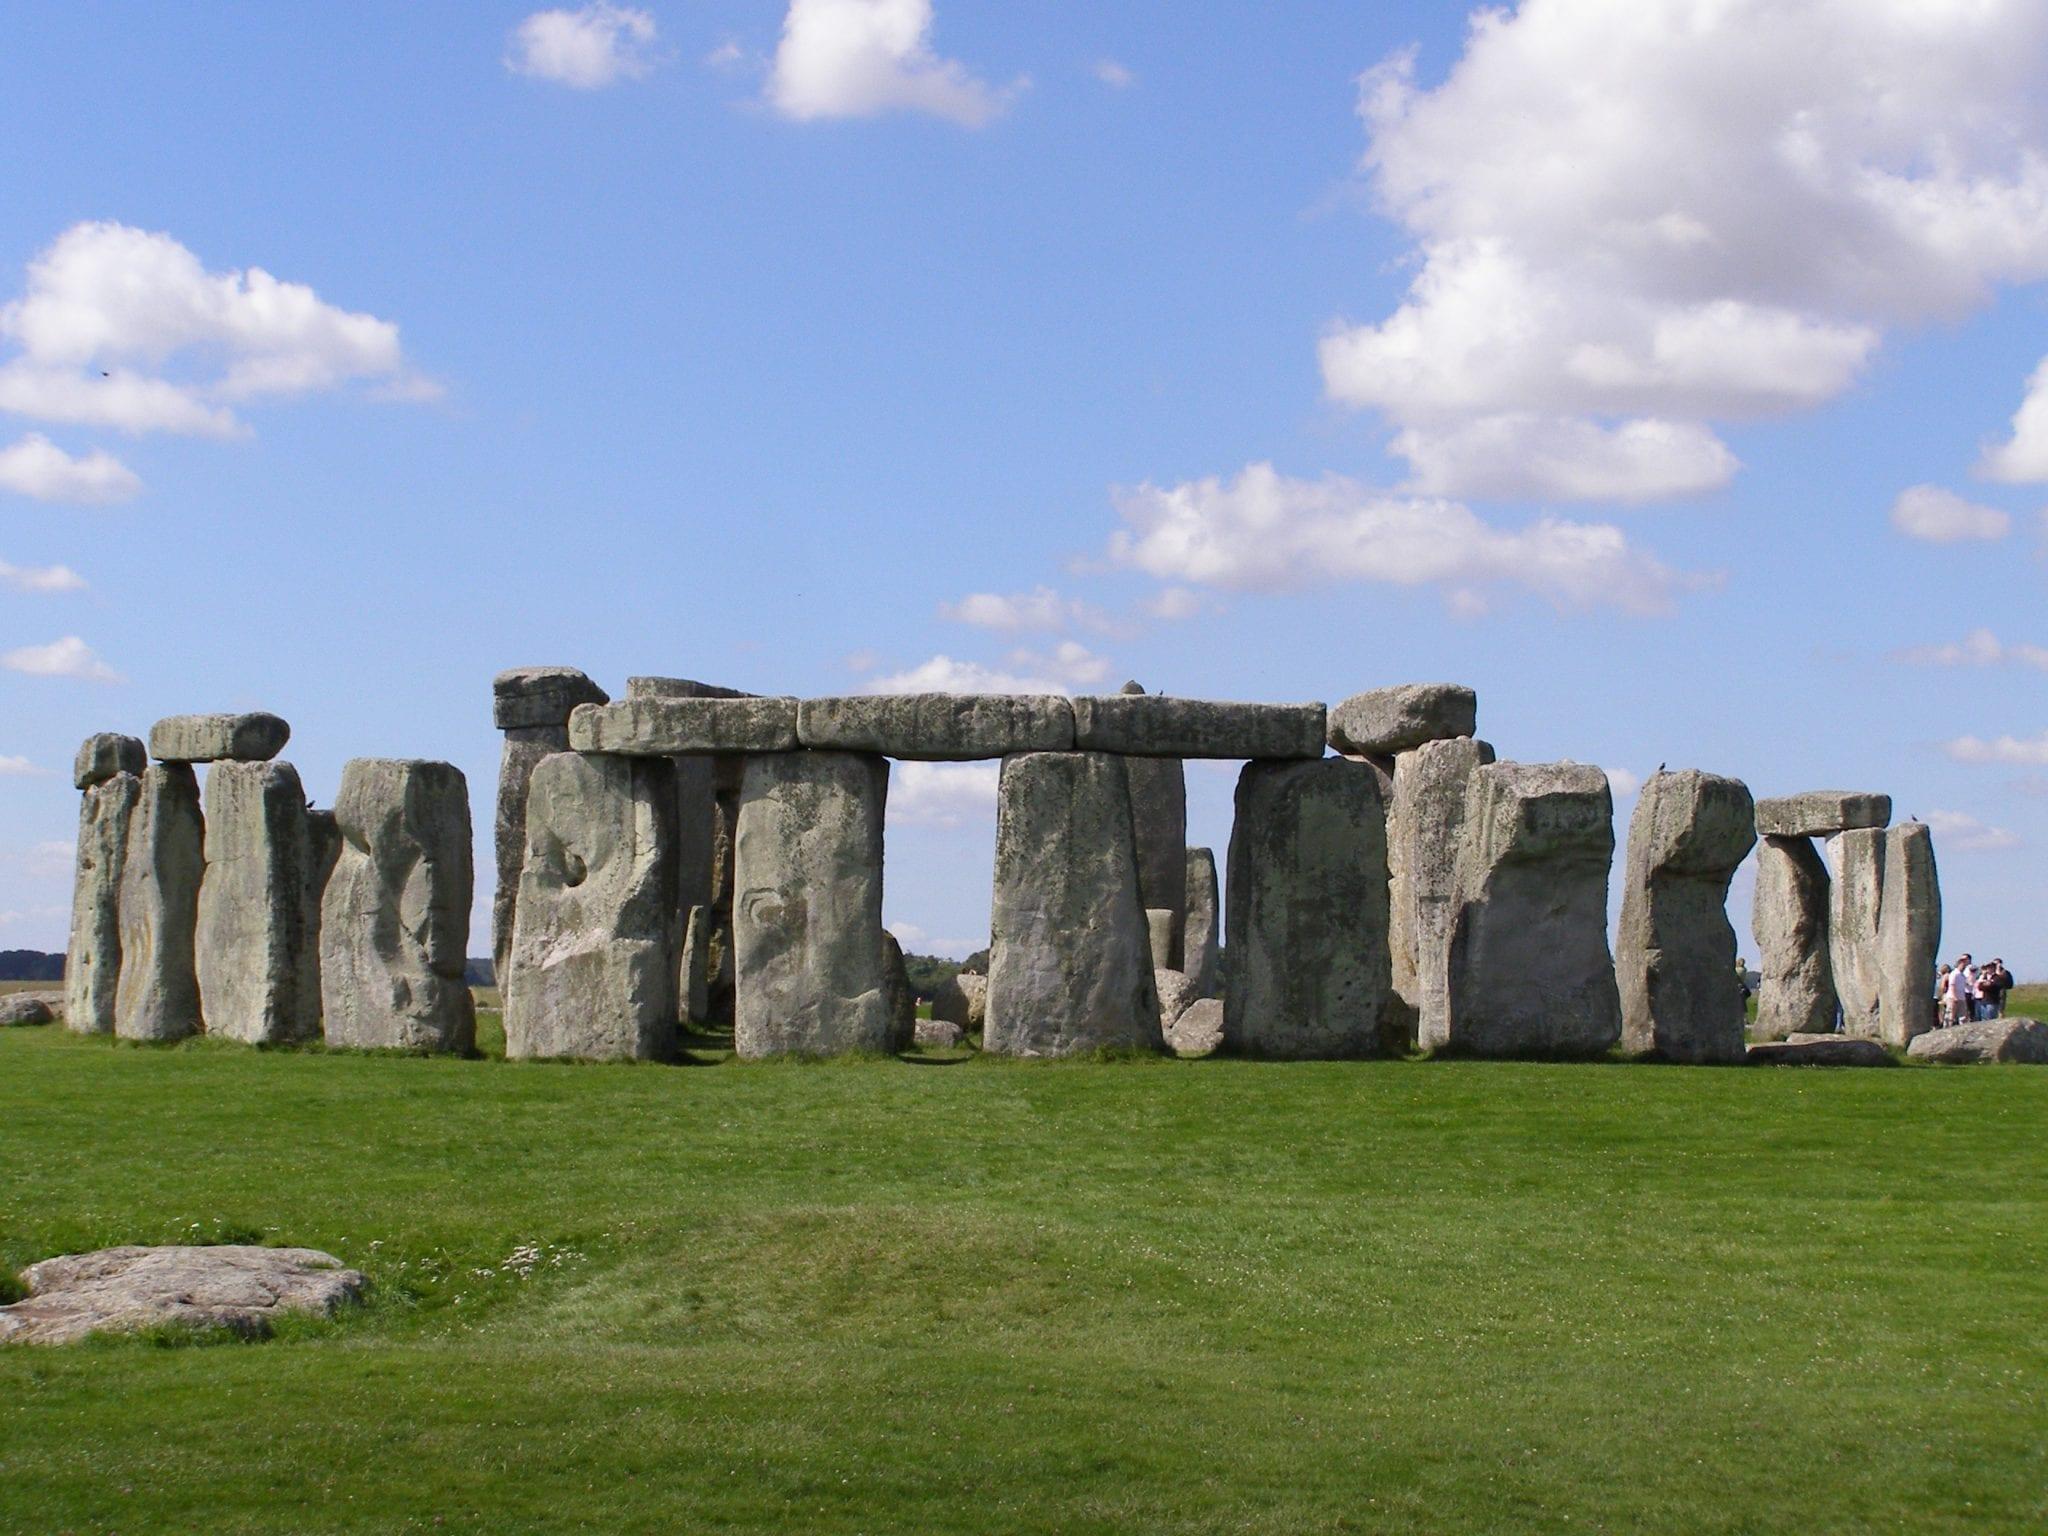 Excursiones a Stonehenge desde Londres